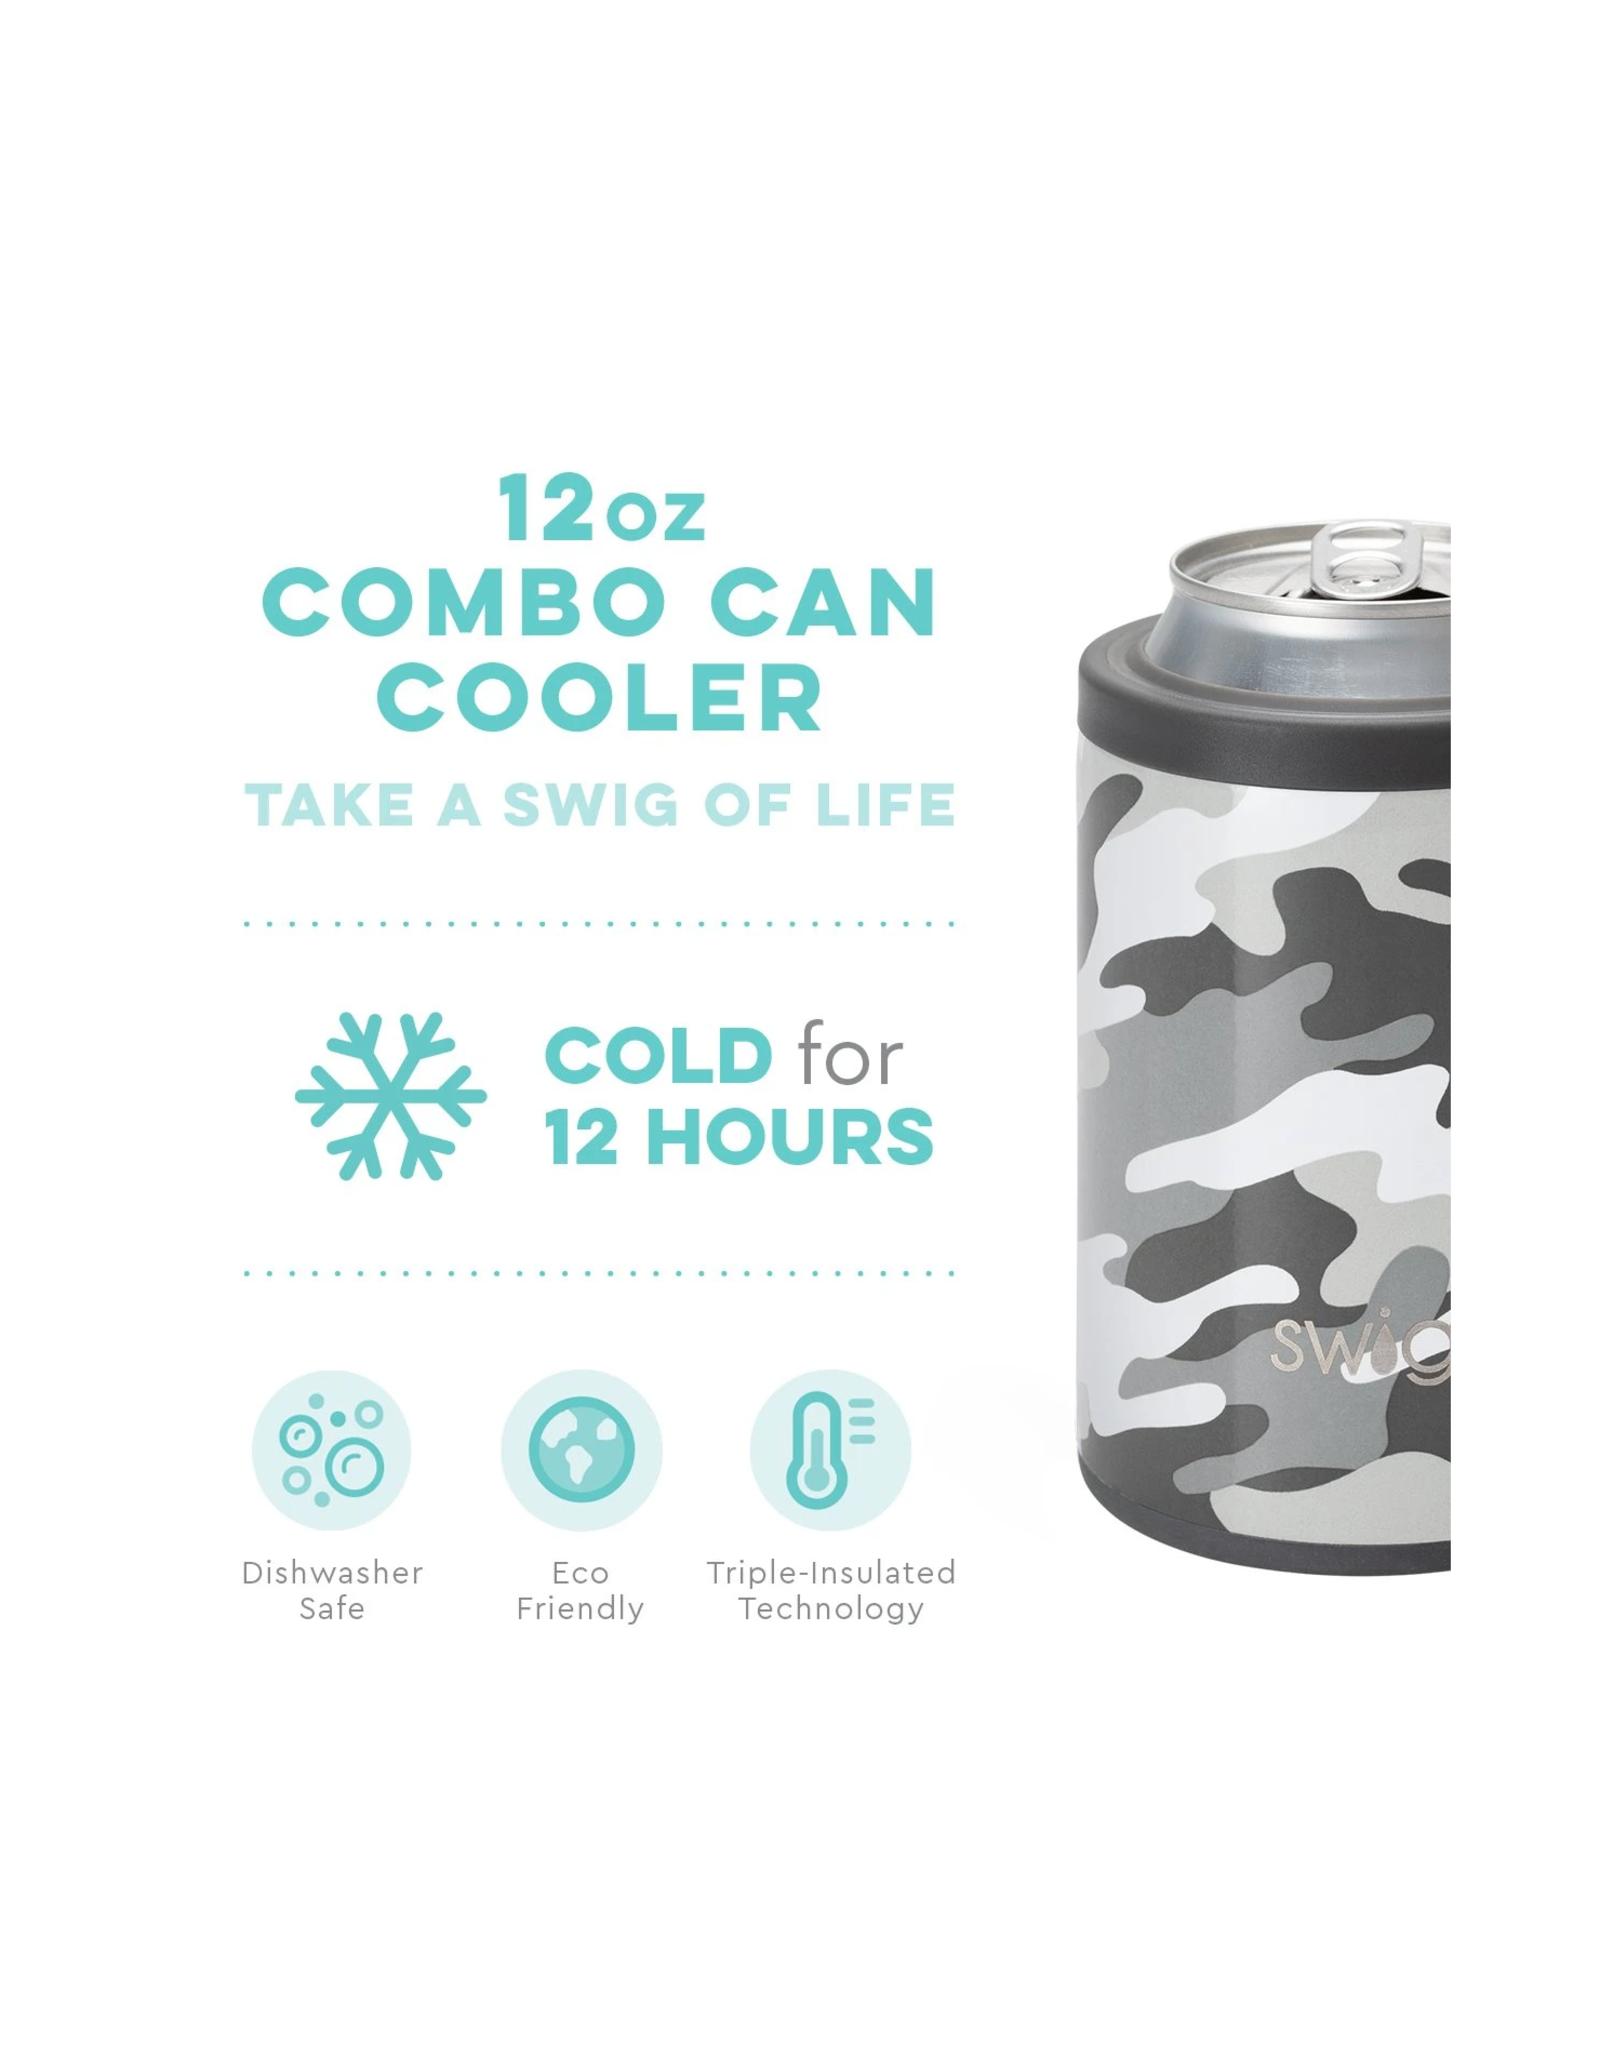 12oz Combo Cooler - Incognito Camo